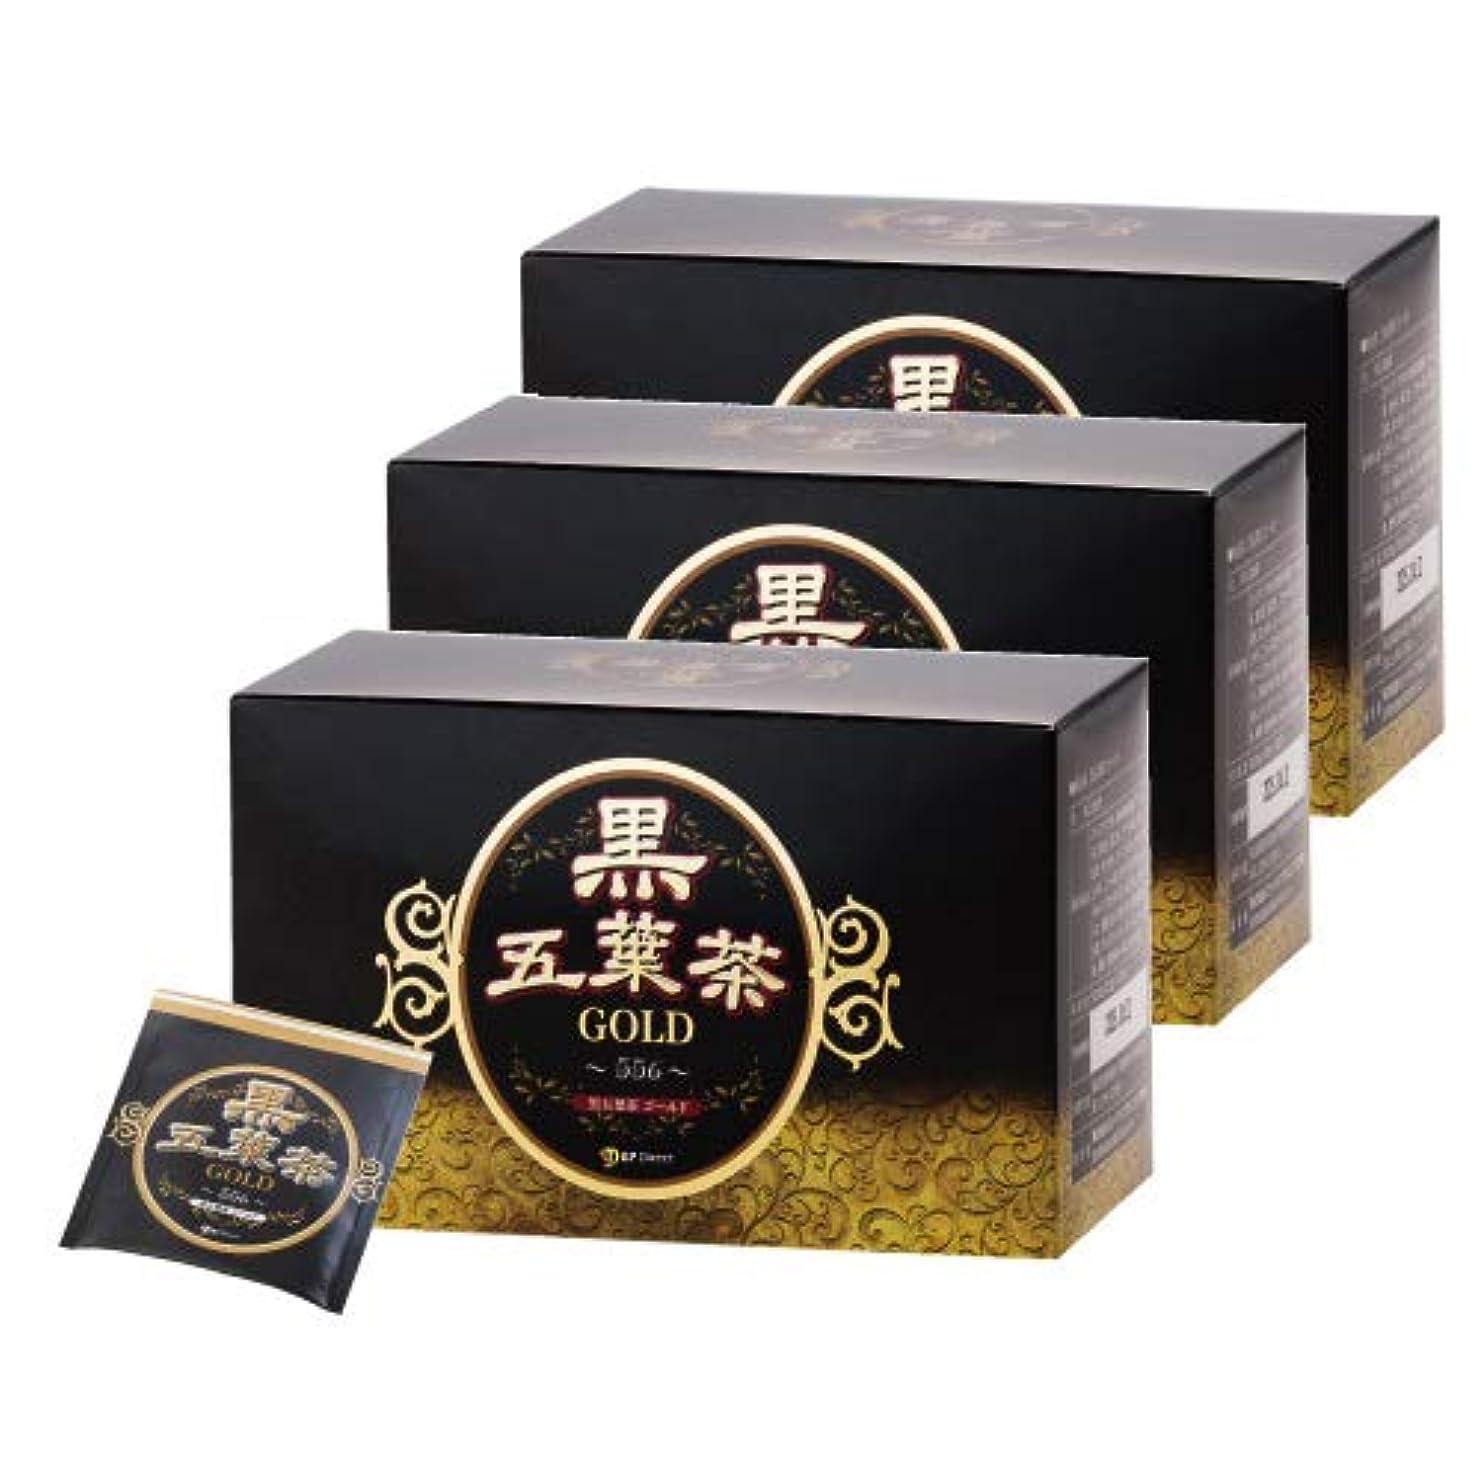 セラー正午比較的黒五葉茶ゴールド 30包 3箱セット ダイエット ダイエット茶 ダイエットティー ハーブティー 難消化性デキストリン